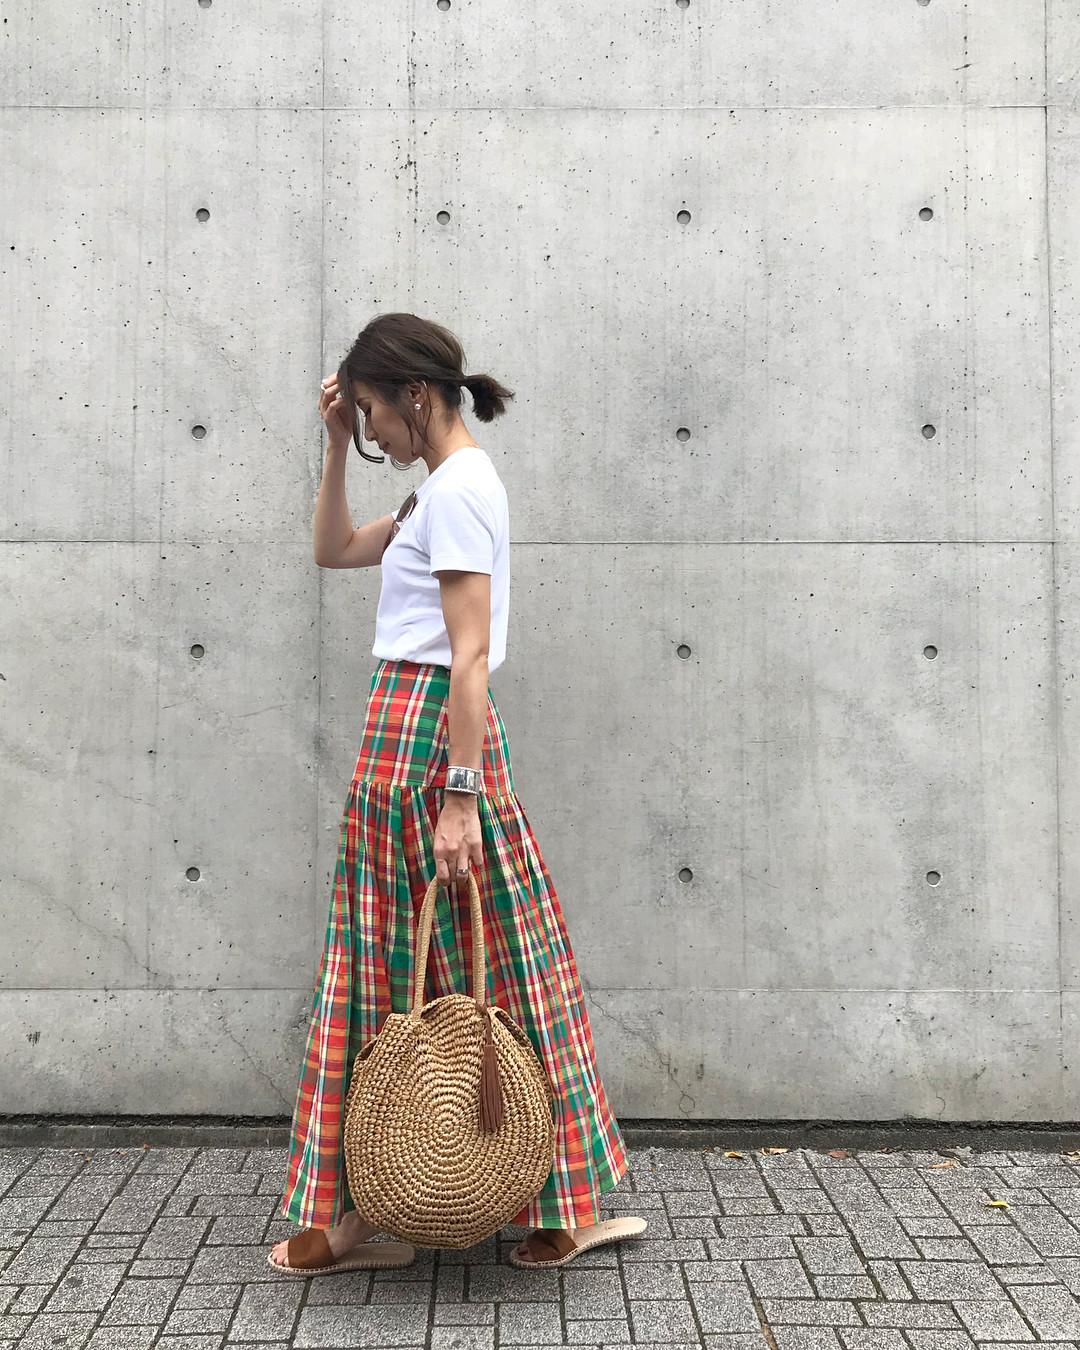 チェック柄スカートで大人可愛いカジュアルコーデ yu.rm